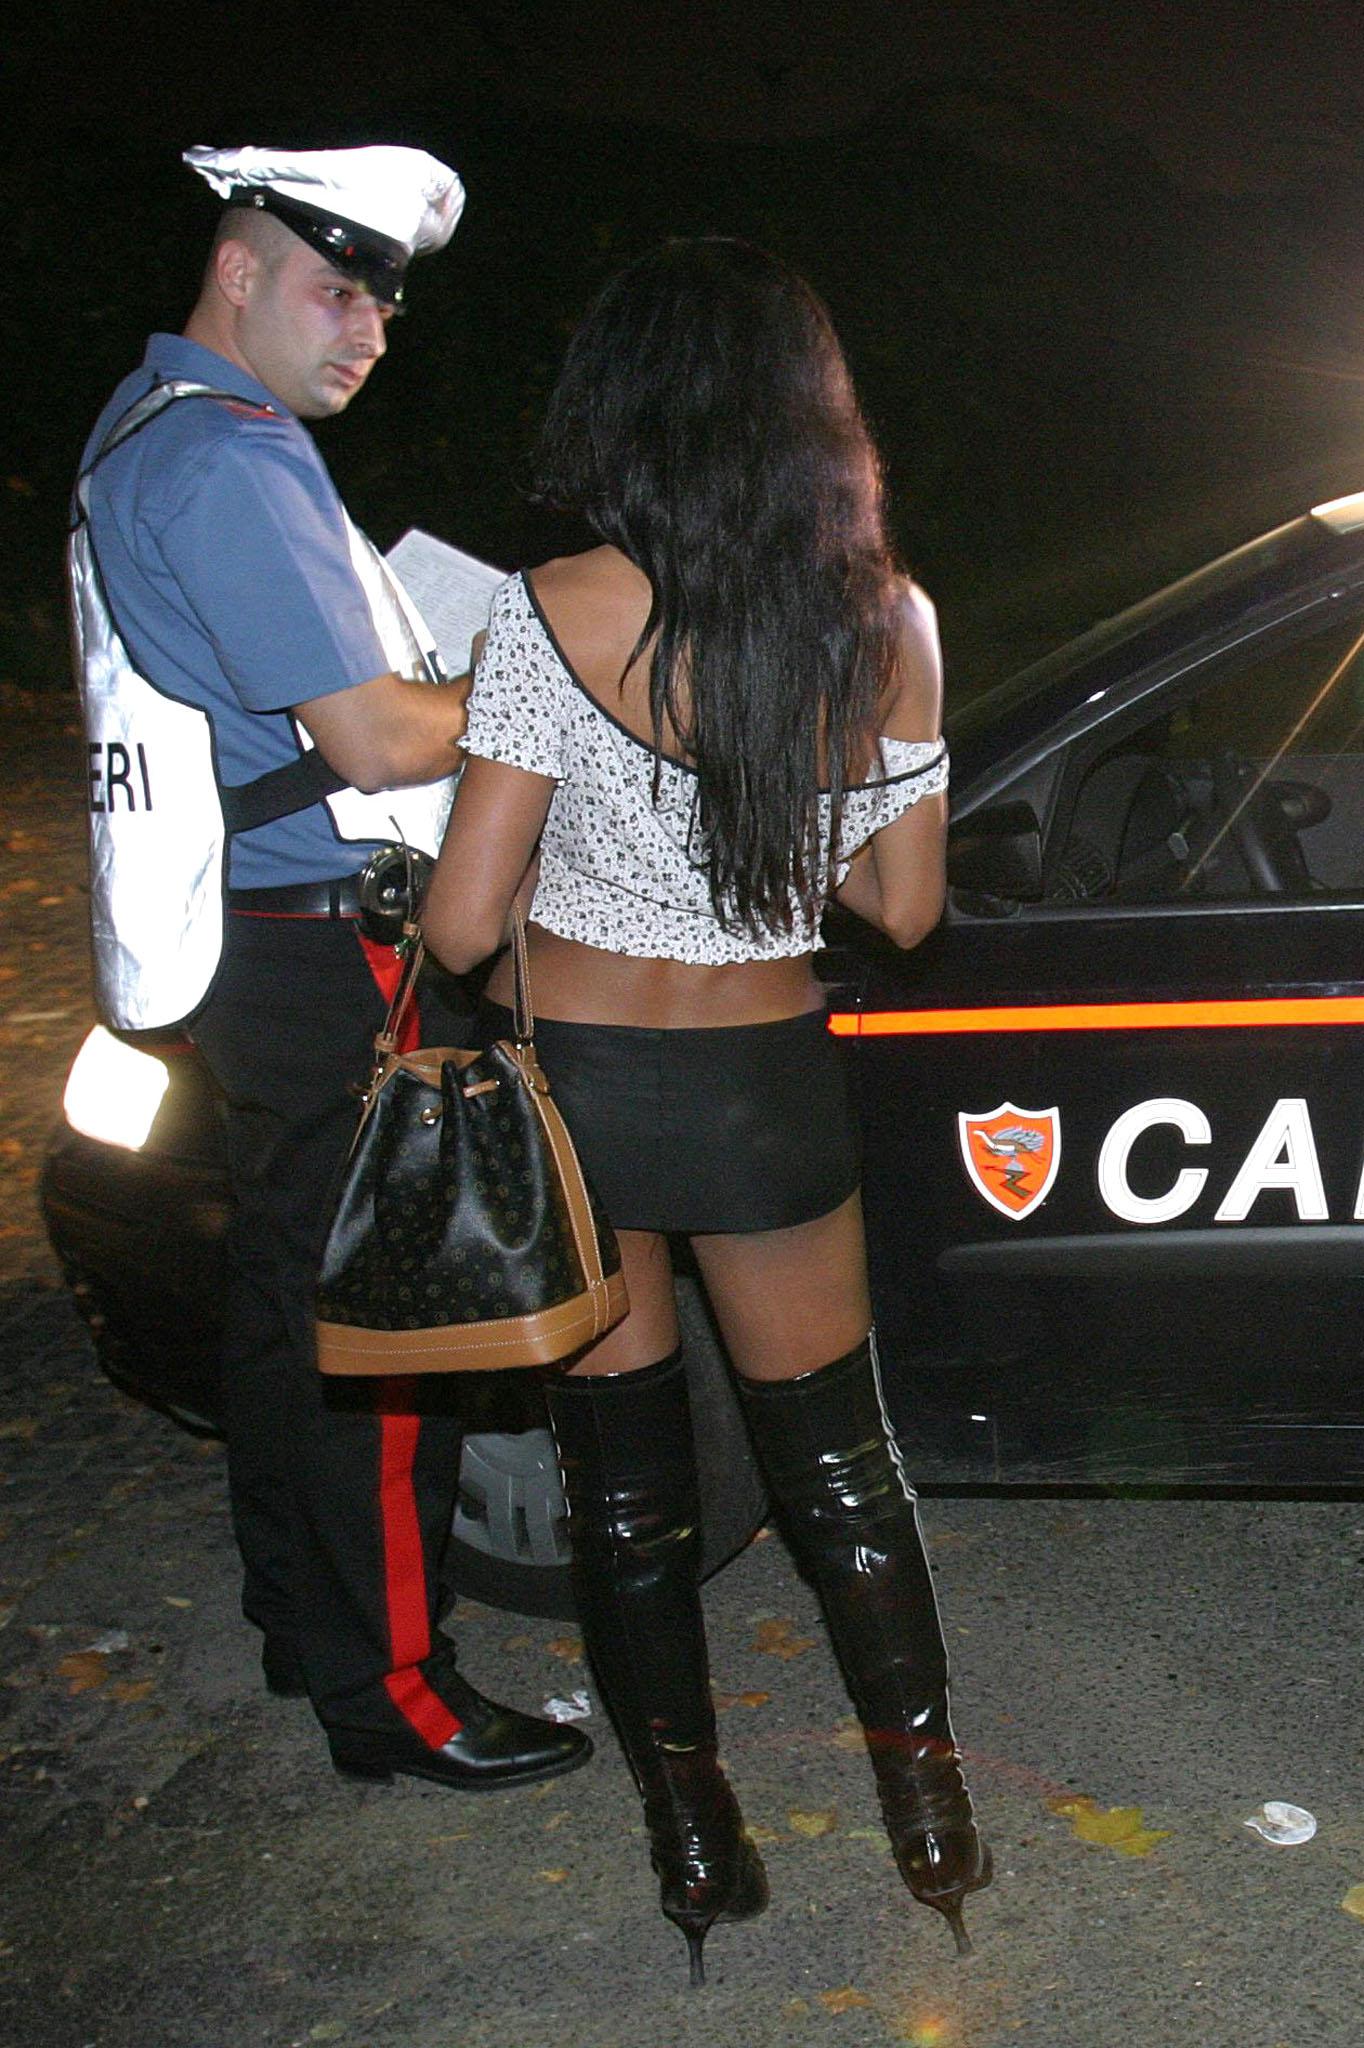 To prostitute